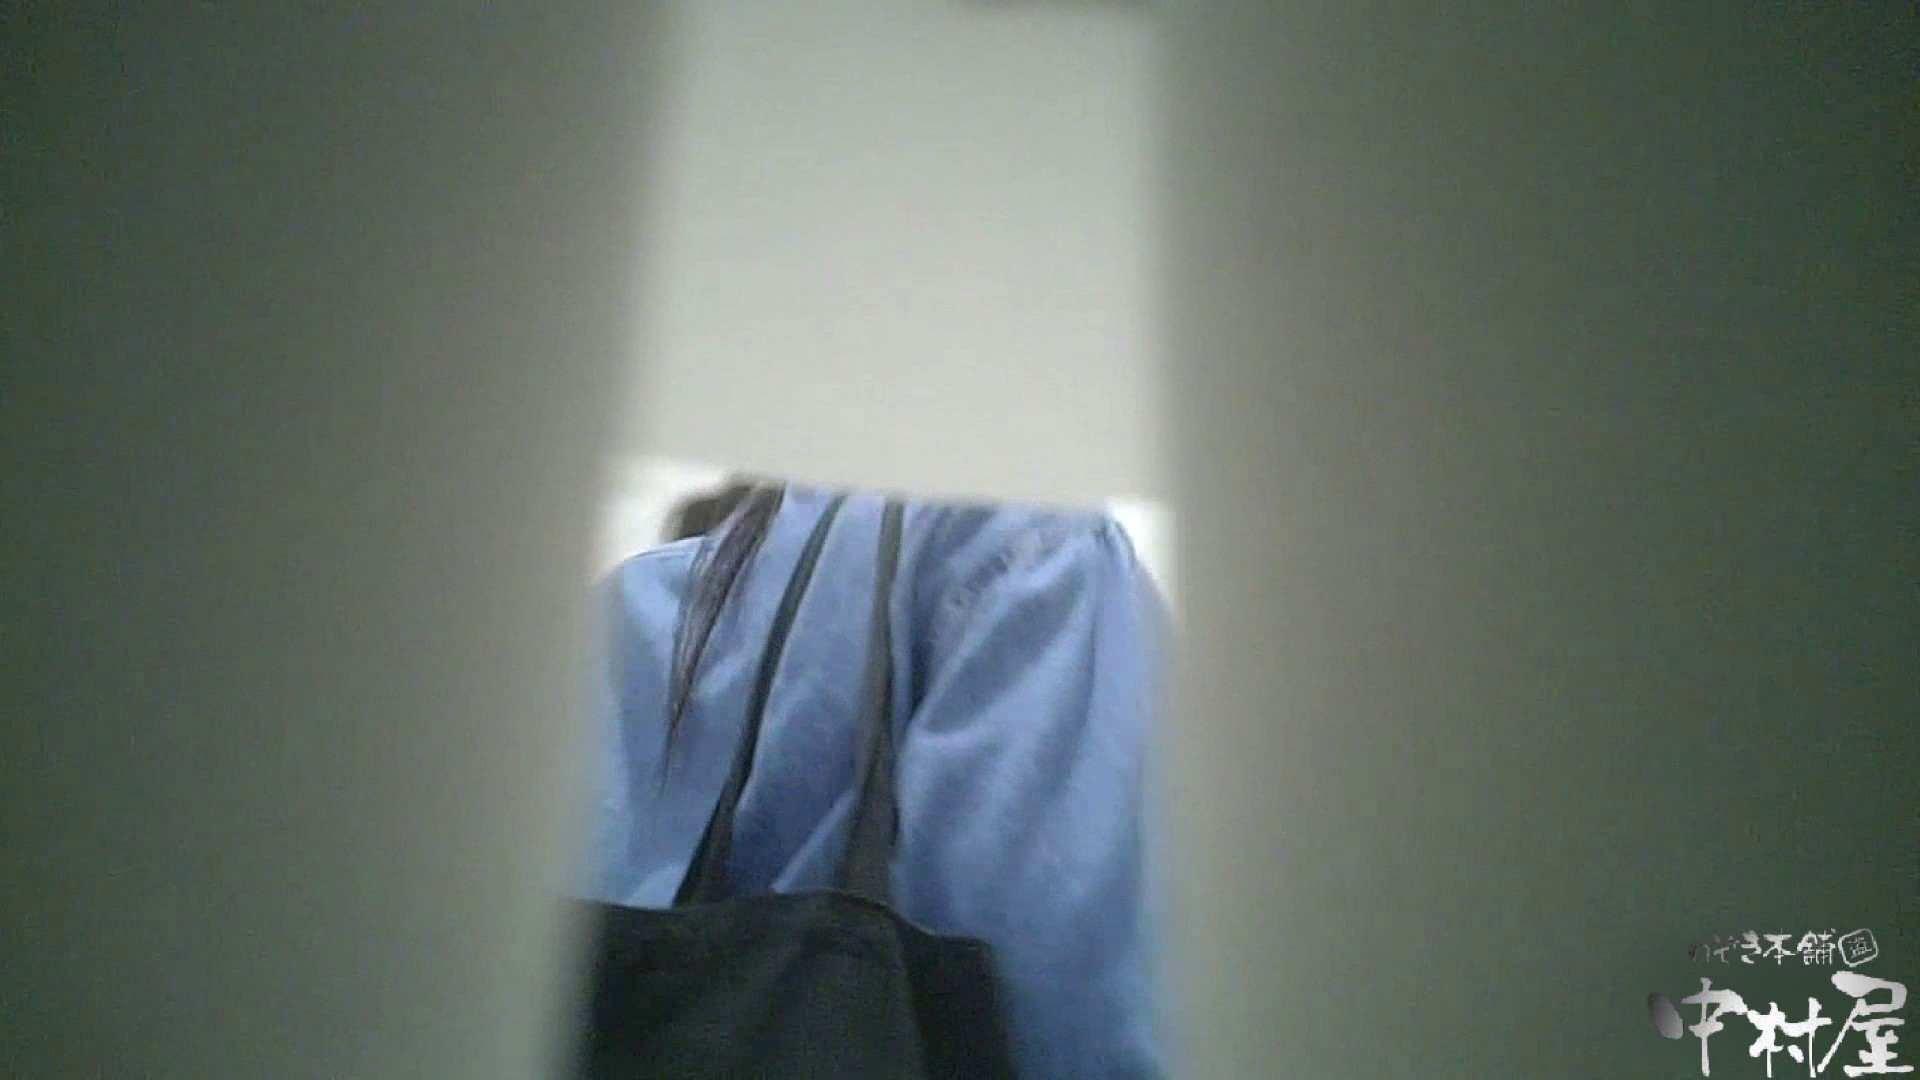 ヤリマンのオマンコ:【某有名大学女性洗面所】有名大学女性洗面所 vol.37 ついでにアンダーヘアーの状態確認ですね。:のぞき本舗 中村屋